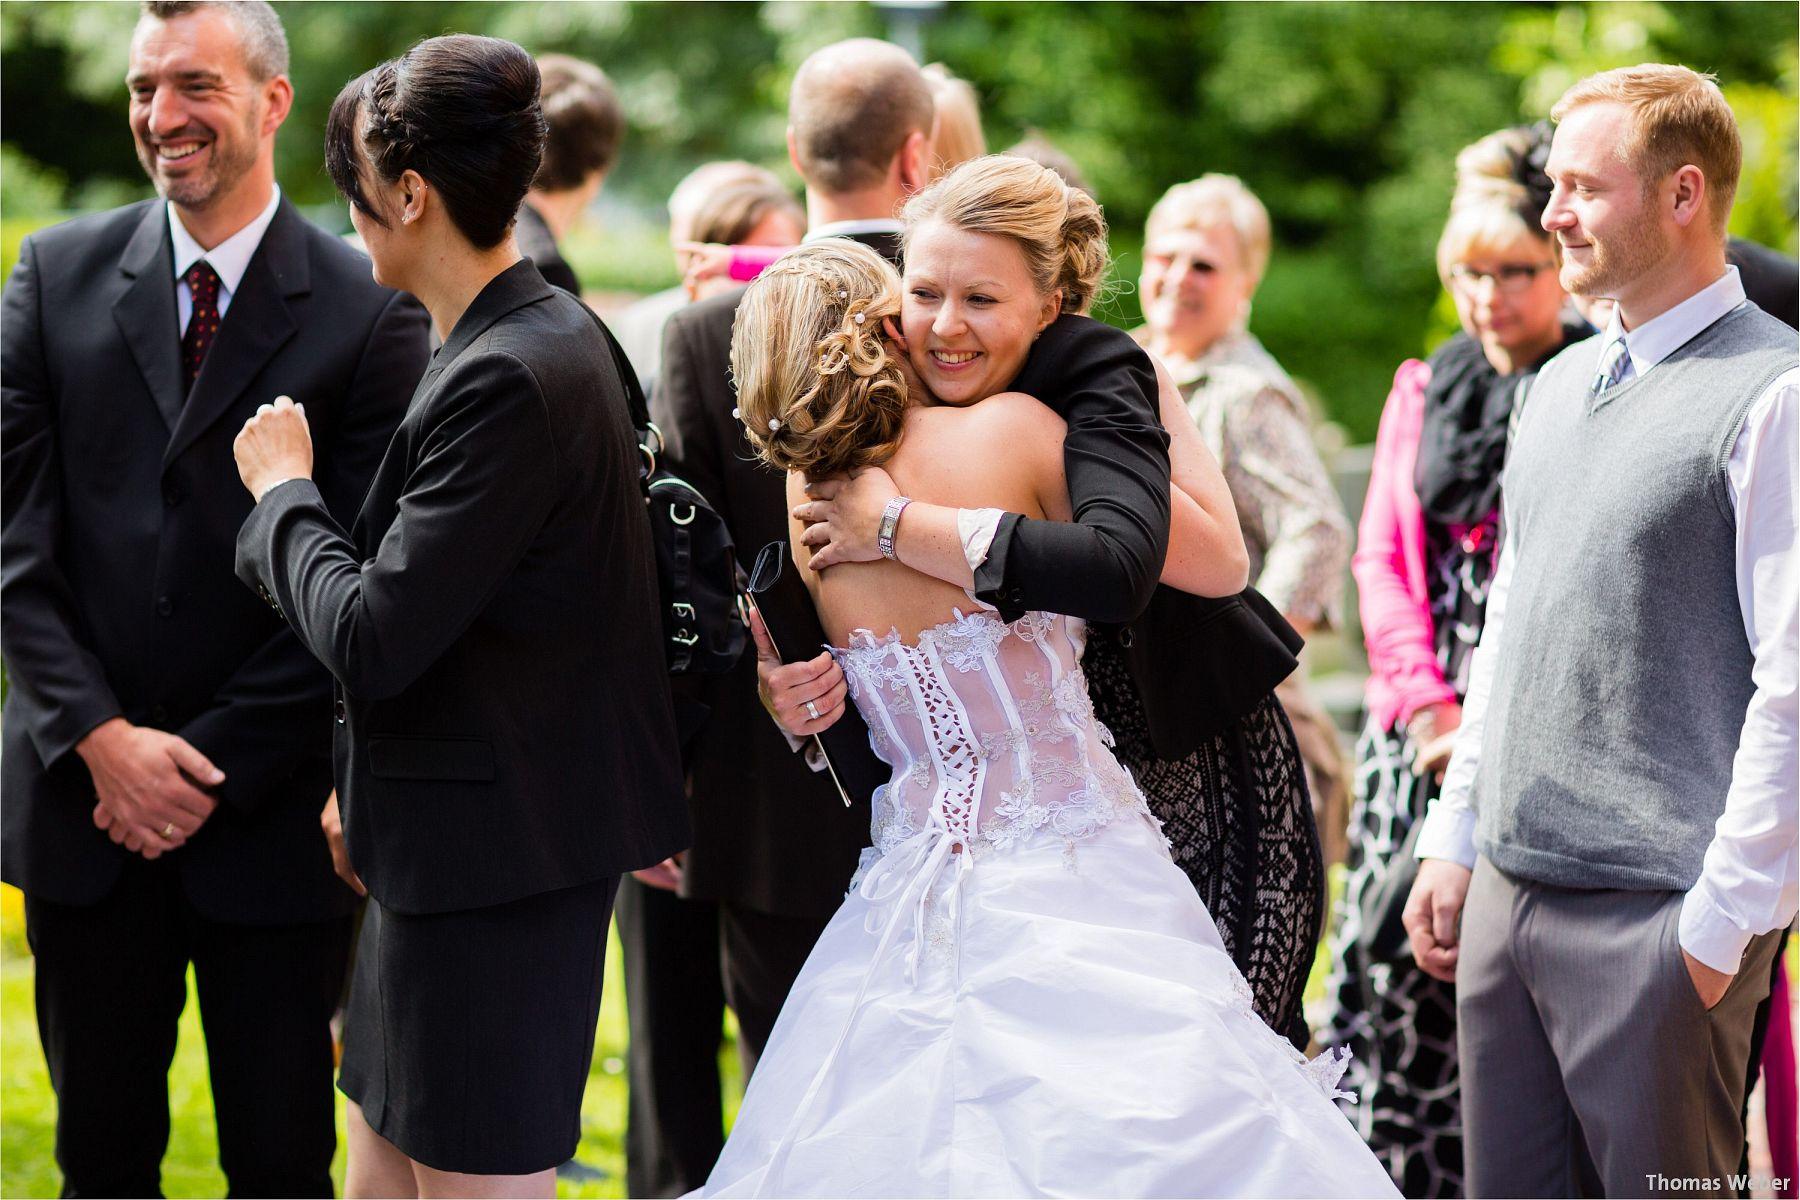 Hochzeitsfotograf Papenburg: Standesamtliche Trauung auf der Burg Kniphausen und Feier im Le Patron am Meer (49)